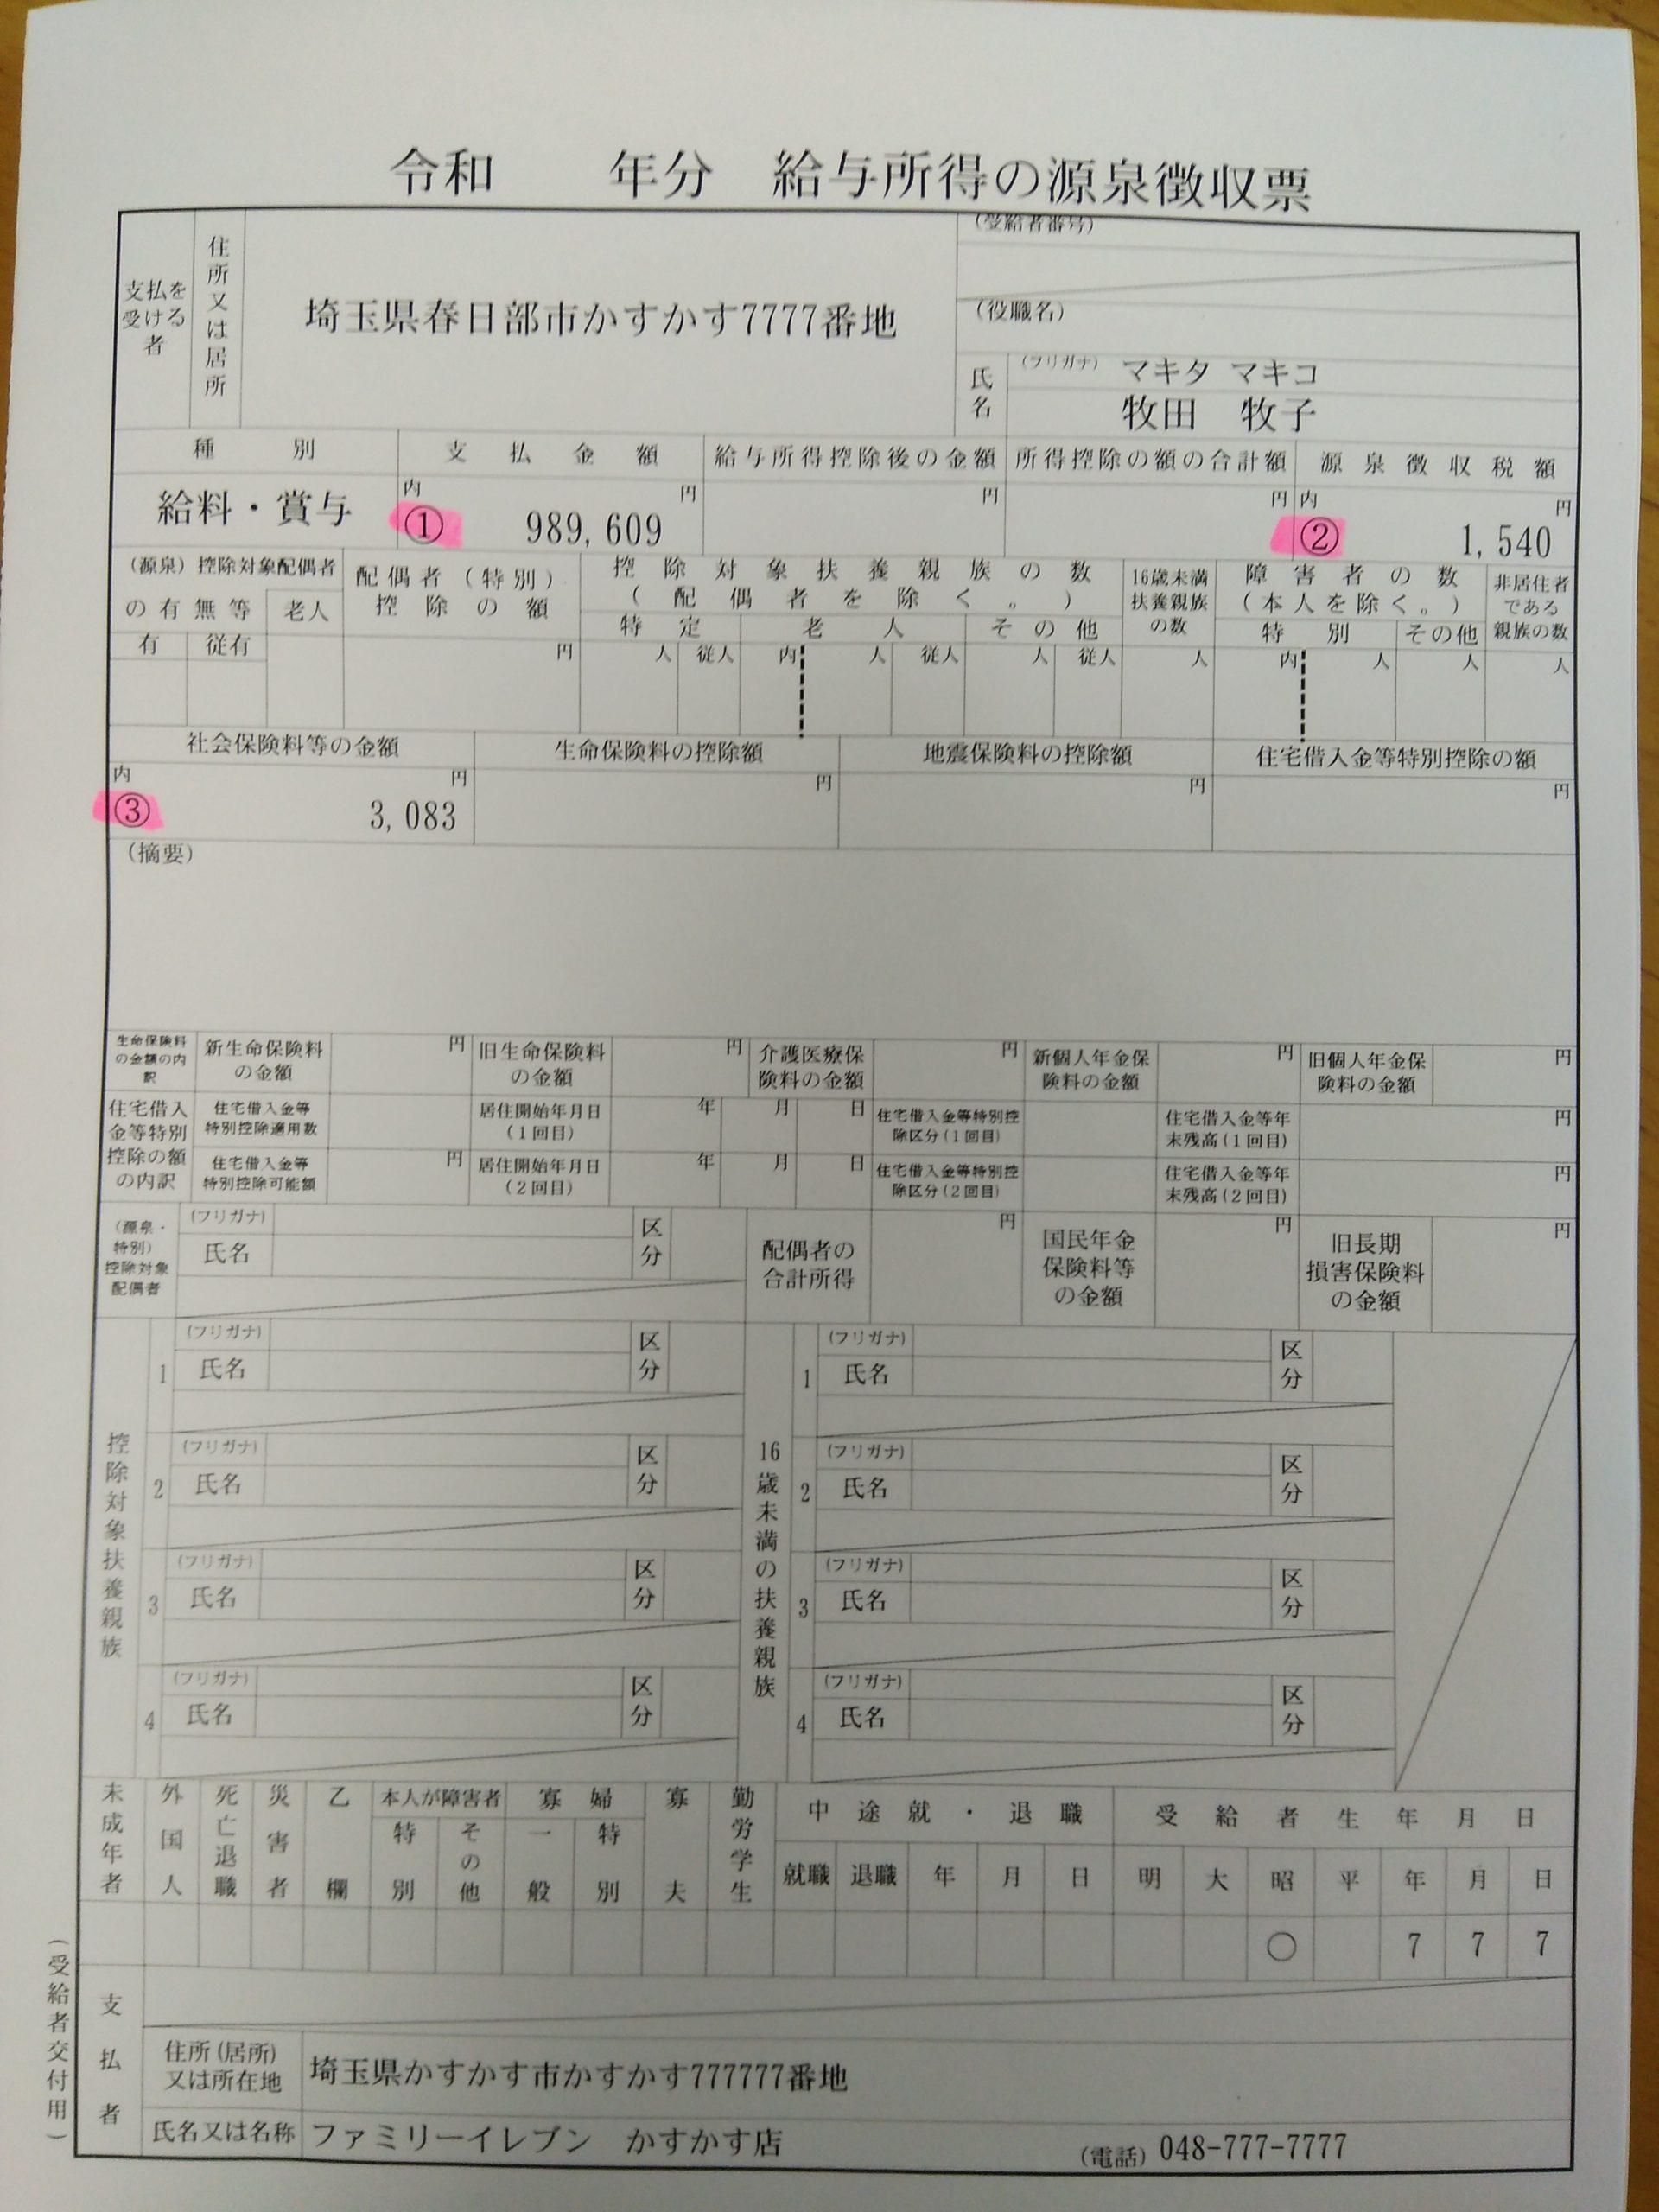 牧田牧子源泉徴収票